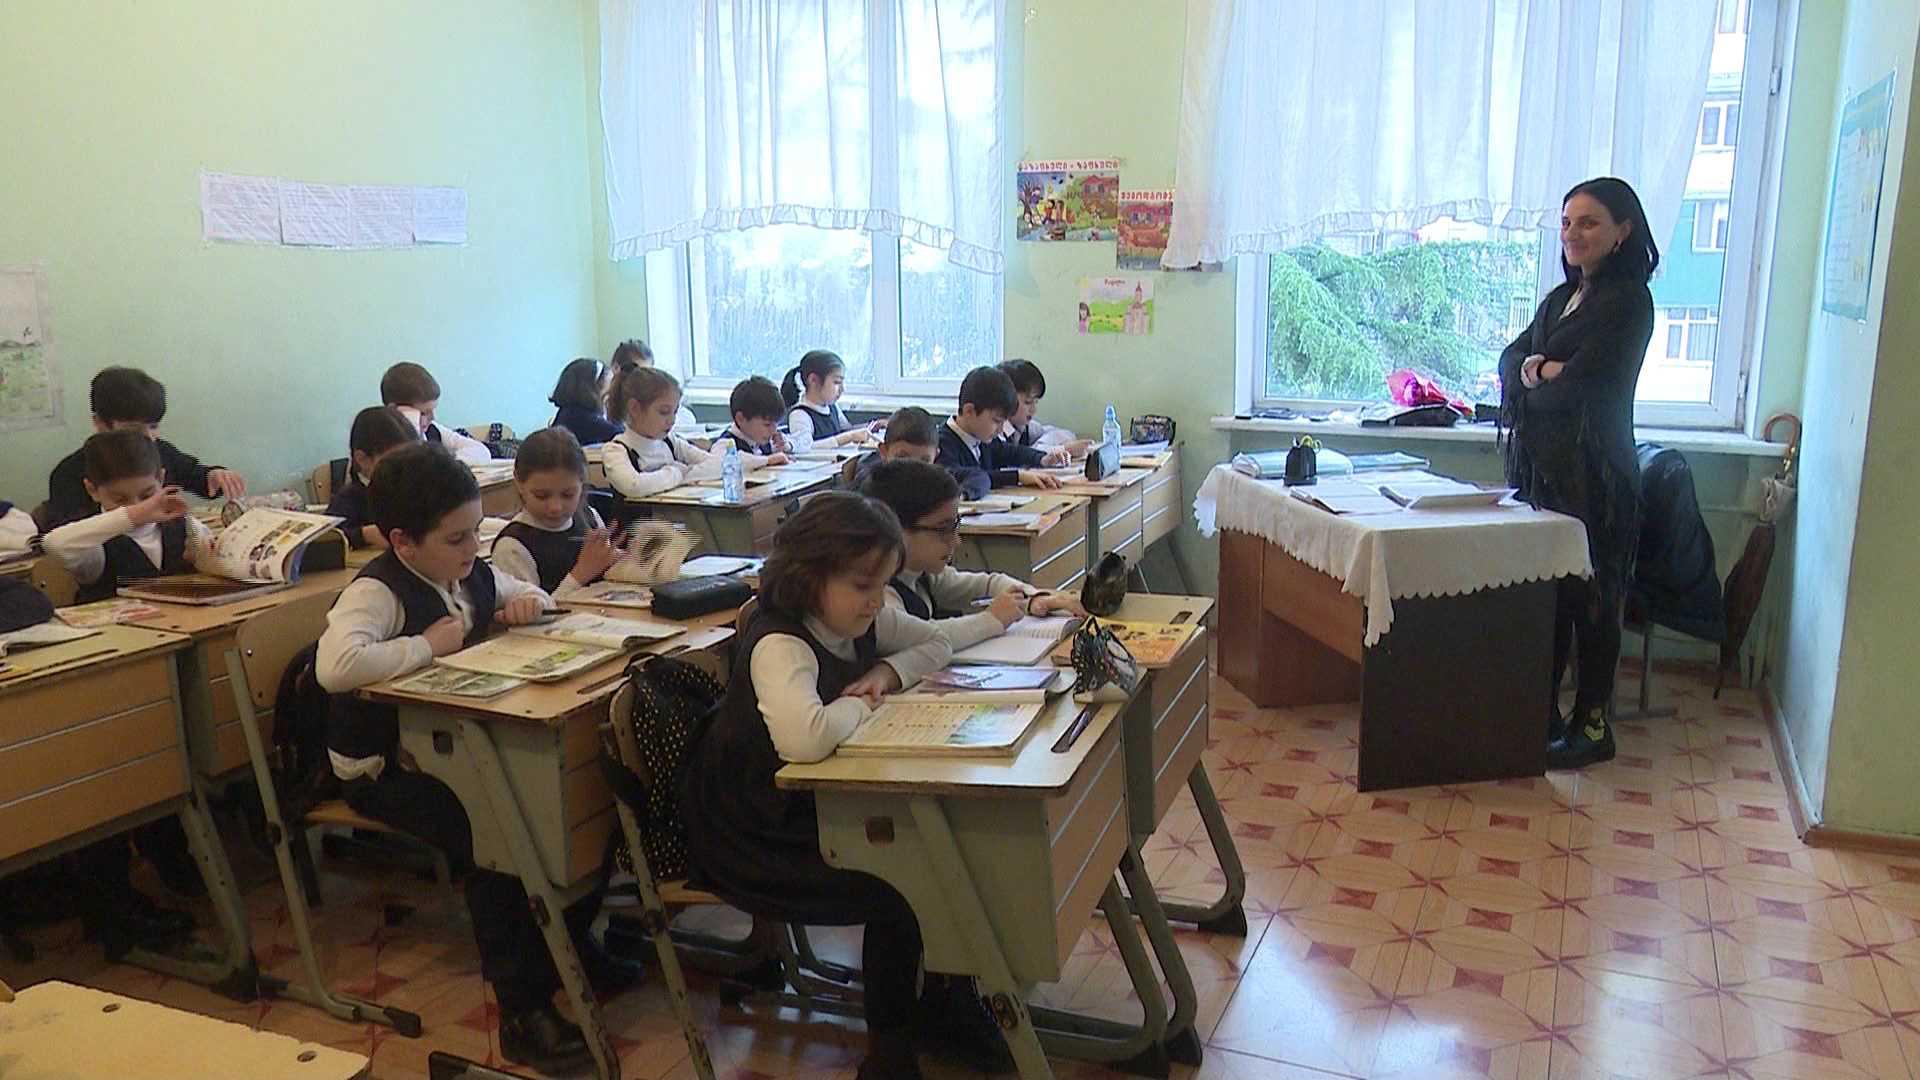 აჭარაში არსებული 229 სკოლიდან 141-ს მოვალეობის შემსრულებელი მართავს